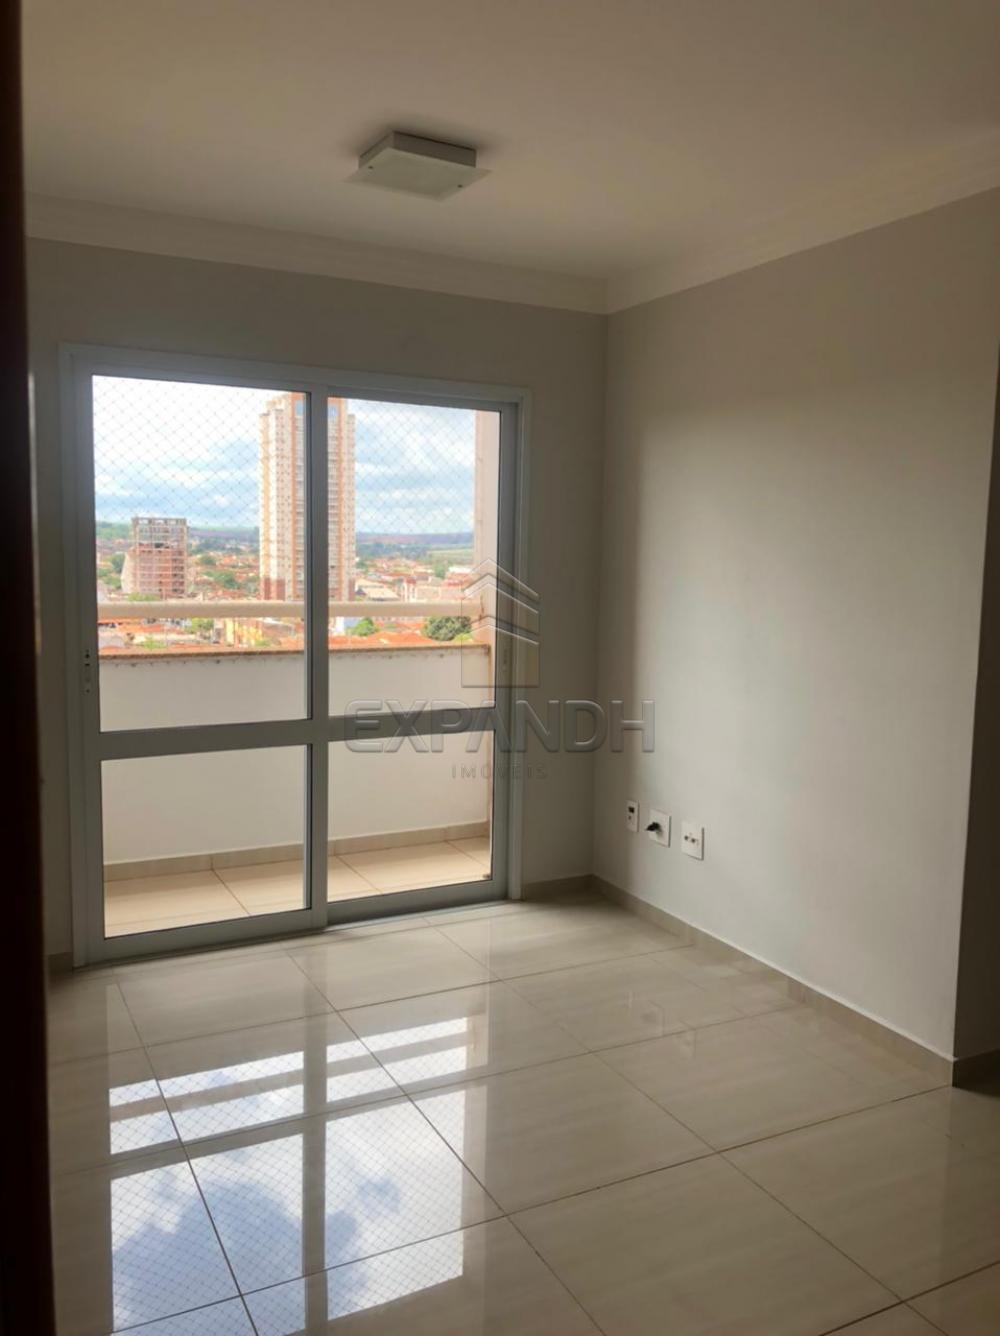 Alugar Apartamentos / Padrão em Sertãozinho apenas R$ 1.250,00 - Foto 2